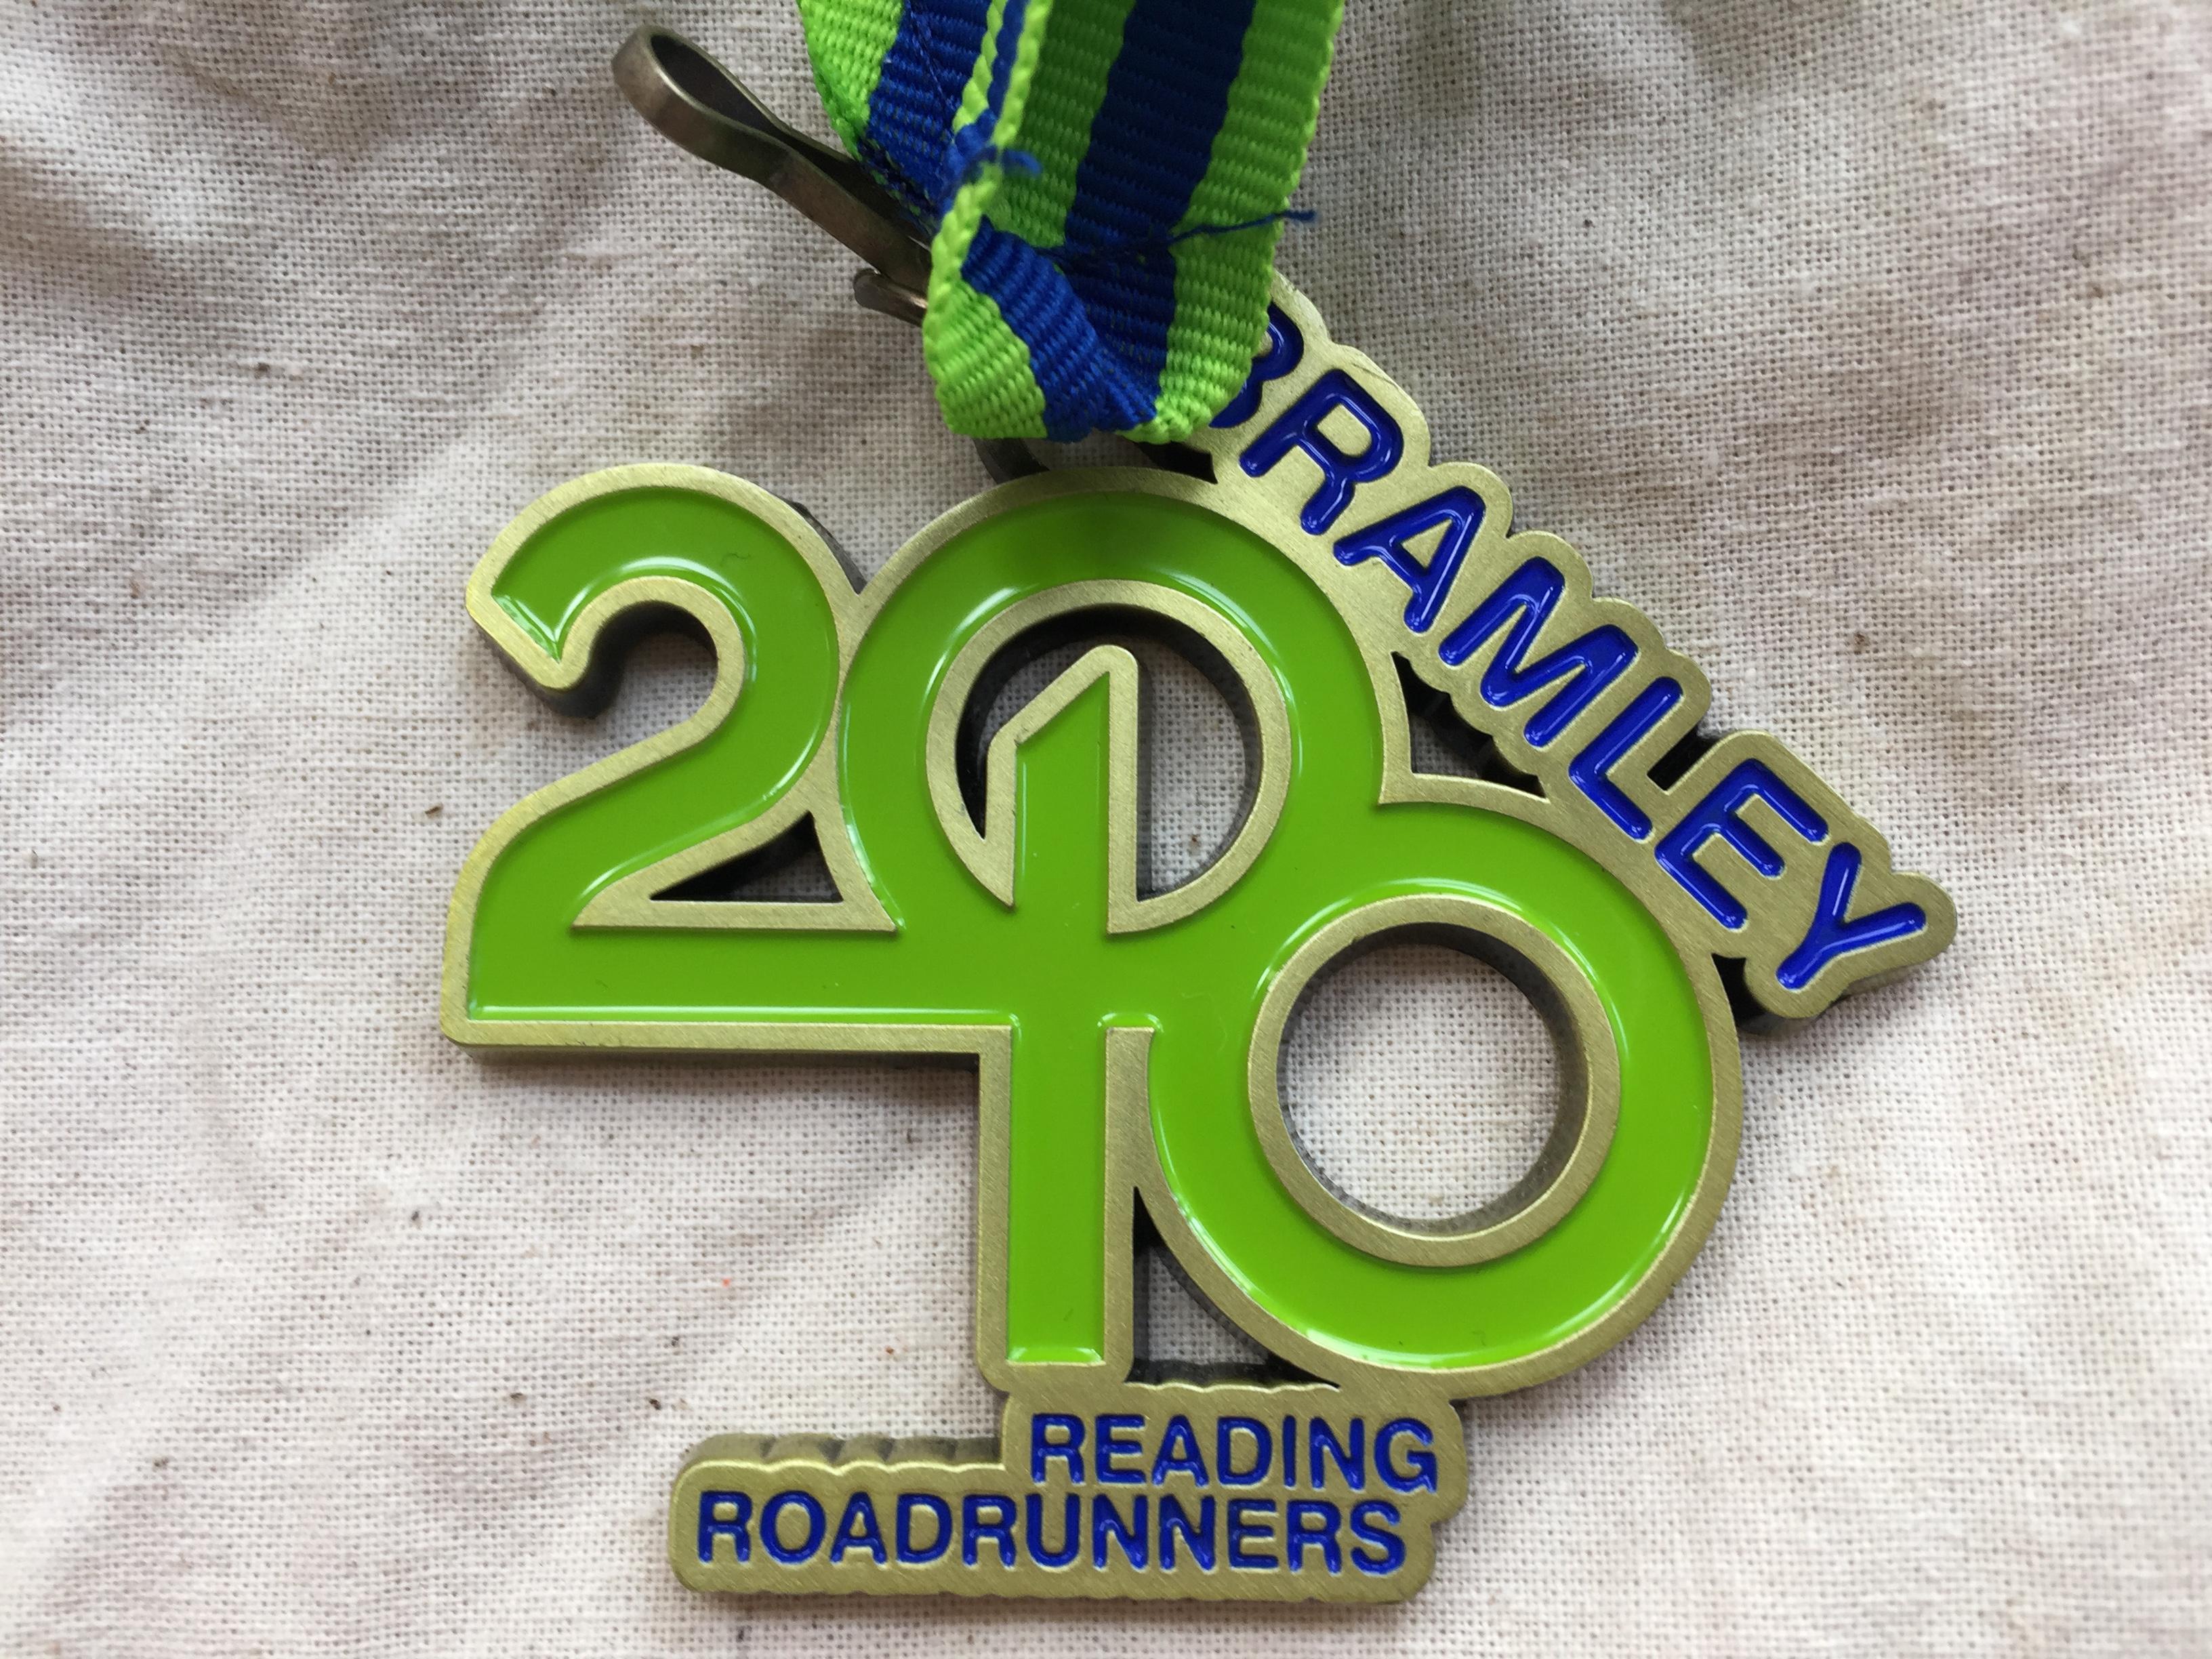 http://readingroadrunners.org/wp-content/uploads/2017/02/Medal.jpg